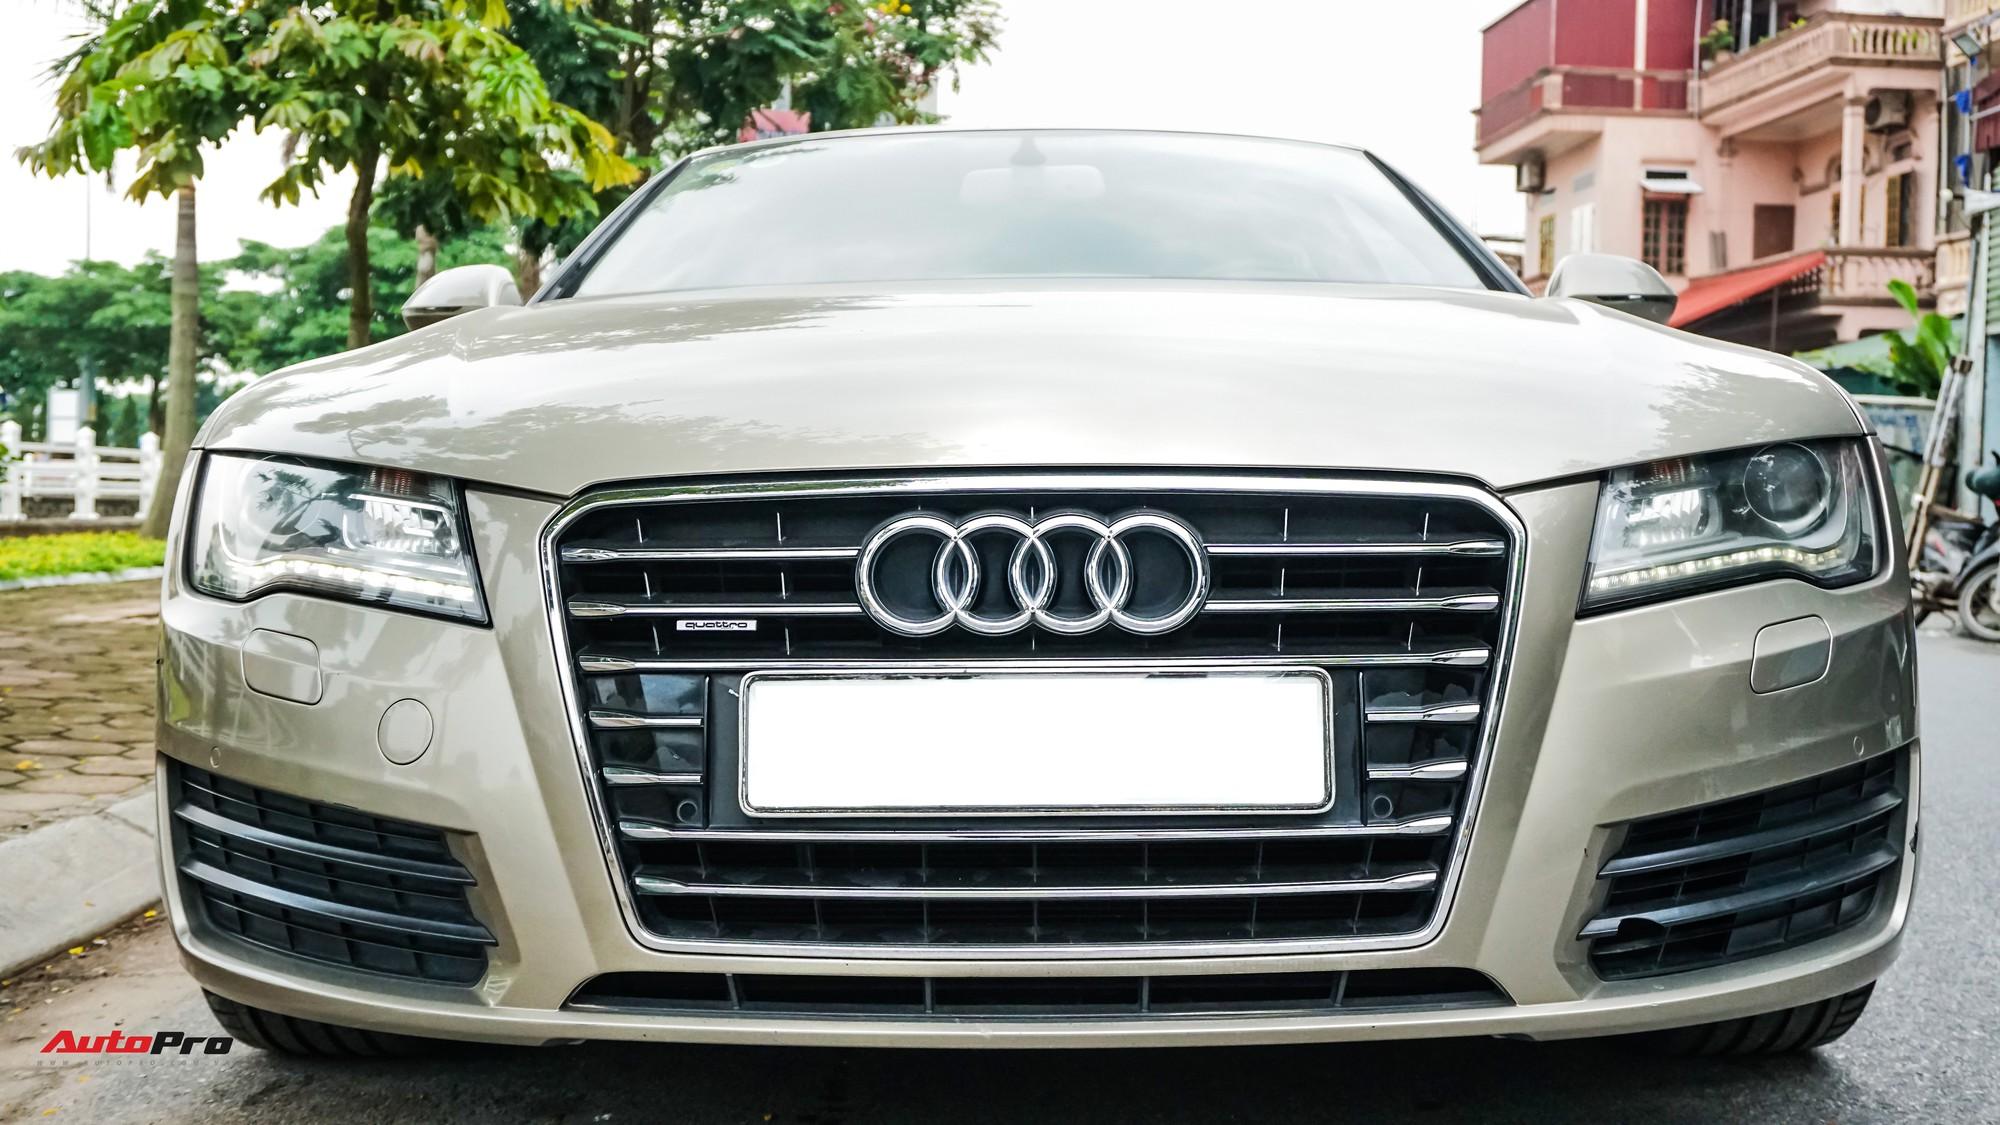 Audi A7 Sportback 7 năm tuổi bán lại 1,5 tỷ đồng tại Hà Nội - Ảnh 1.